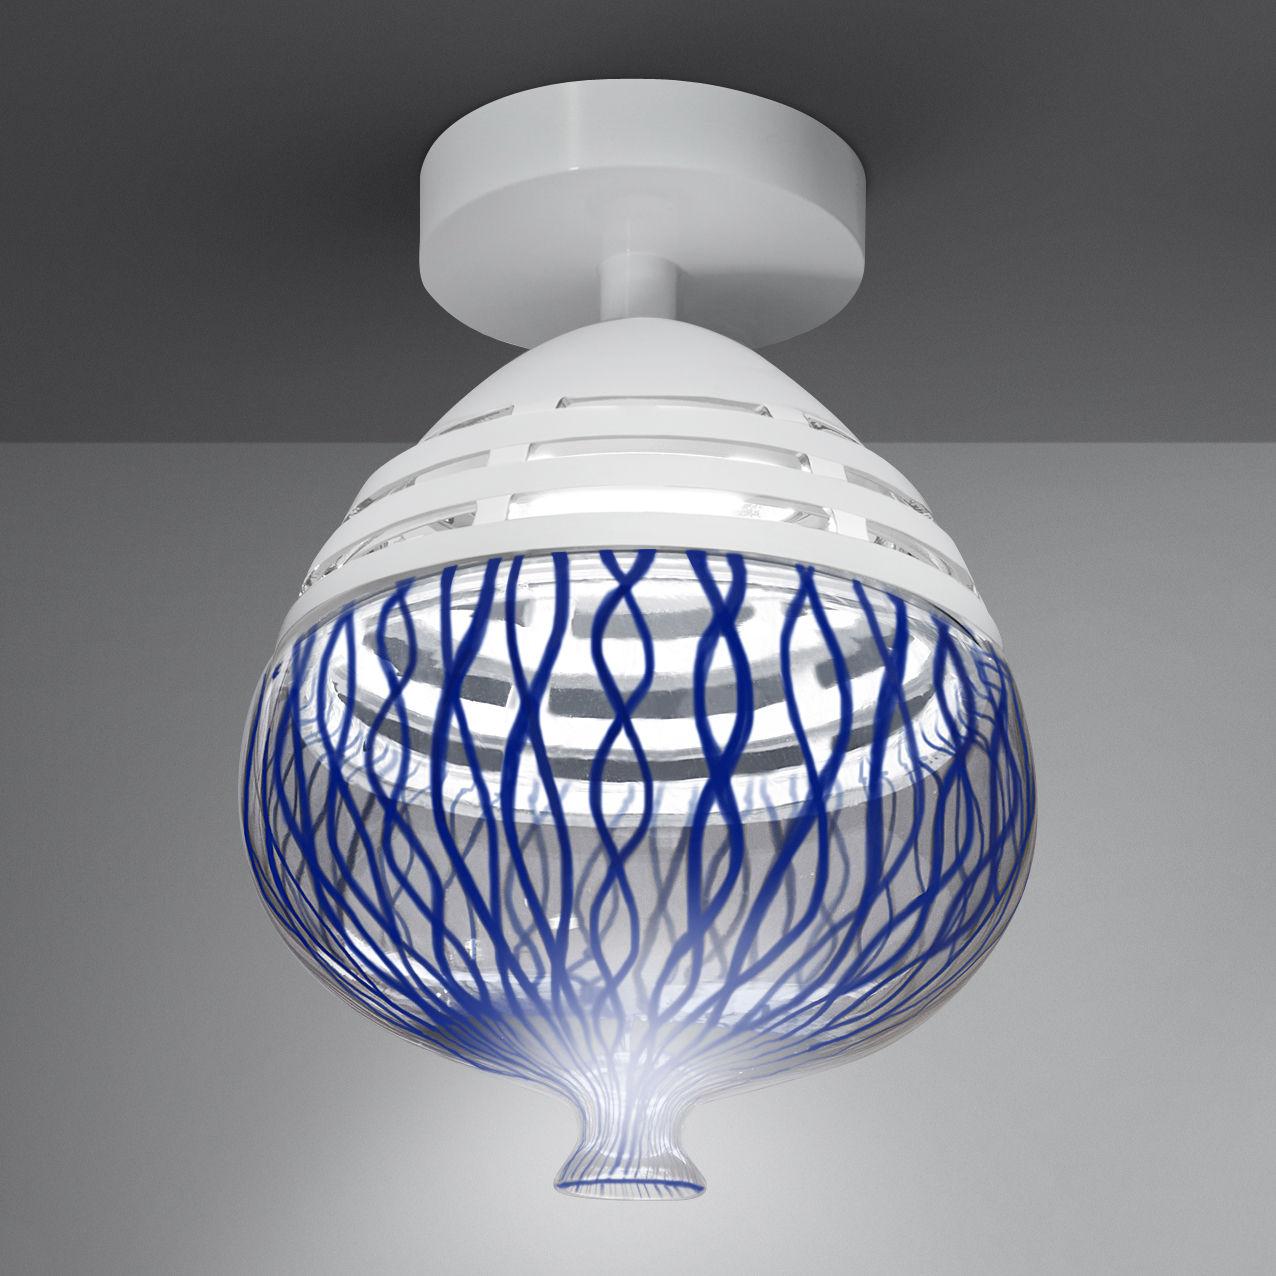 Leuchten - Deckenleuchten - Invero LED Deckenleuchte / Ø 23 cm x H 32 cm - mundgeblasenes Glas & Aluminium - Artemide - Blau & transparent / weiß - bemaltes Aluminium, geblasenes Glas